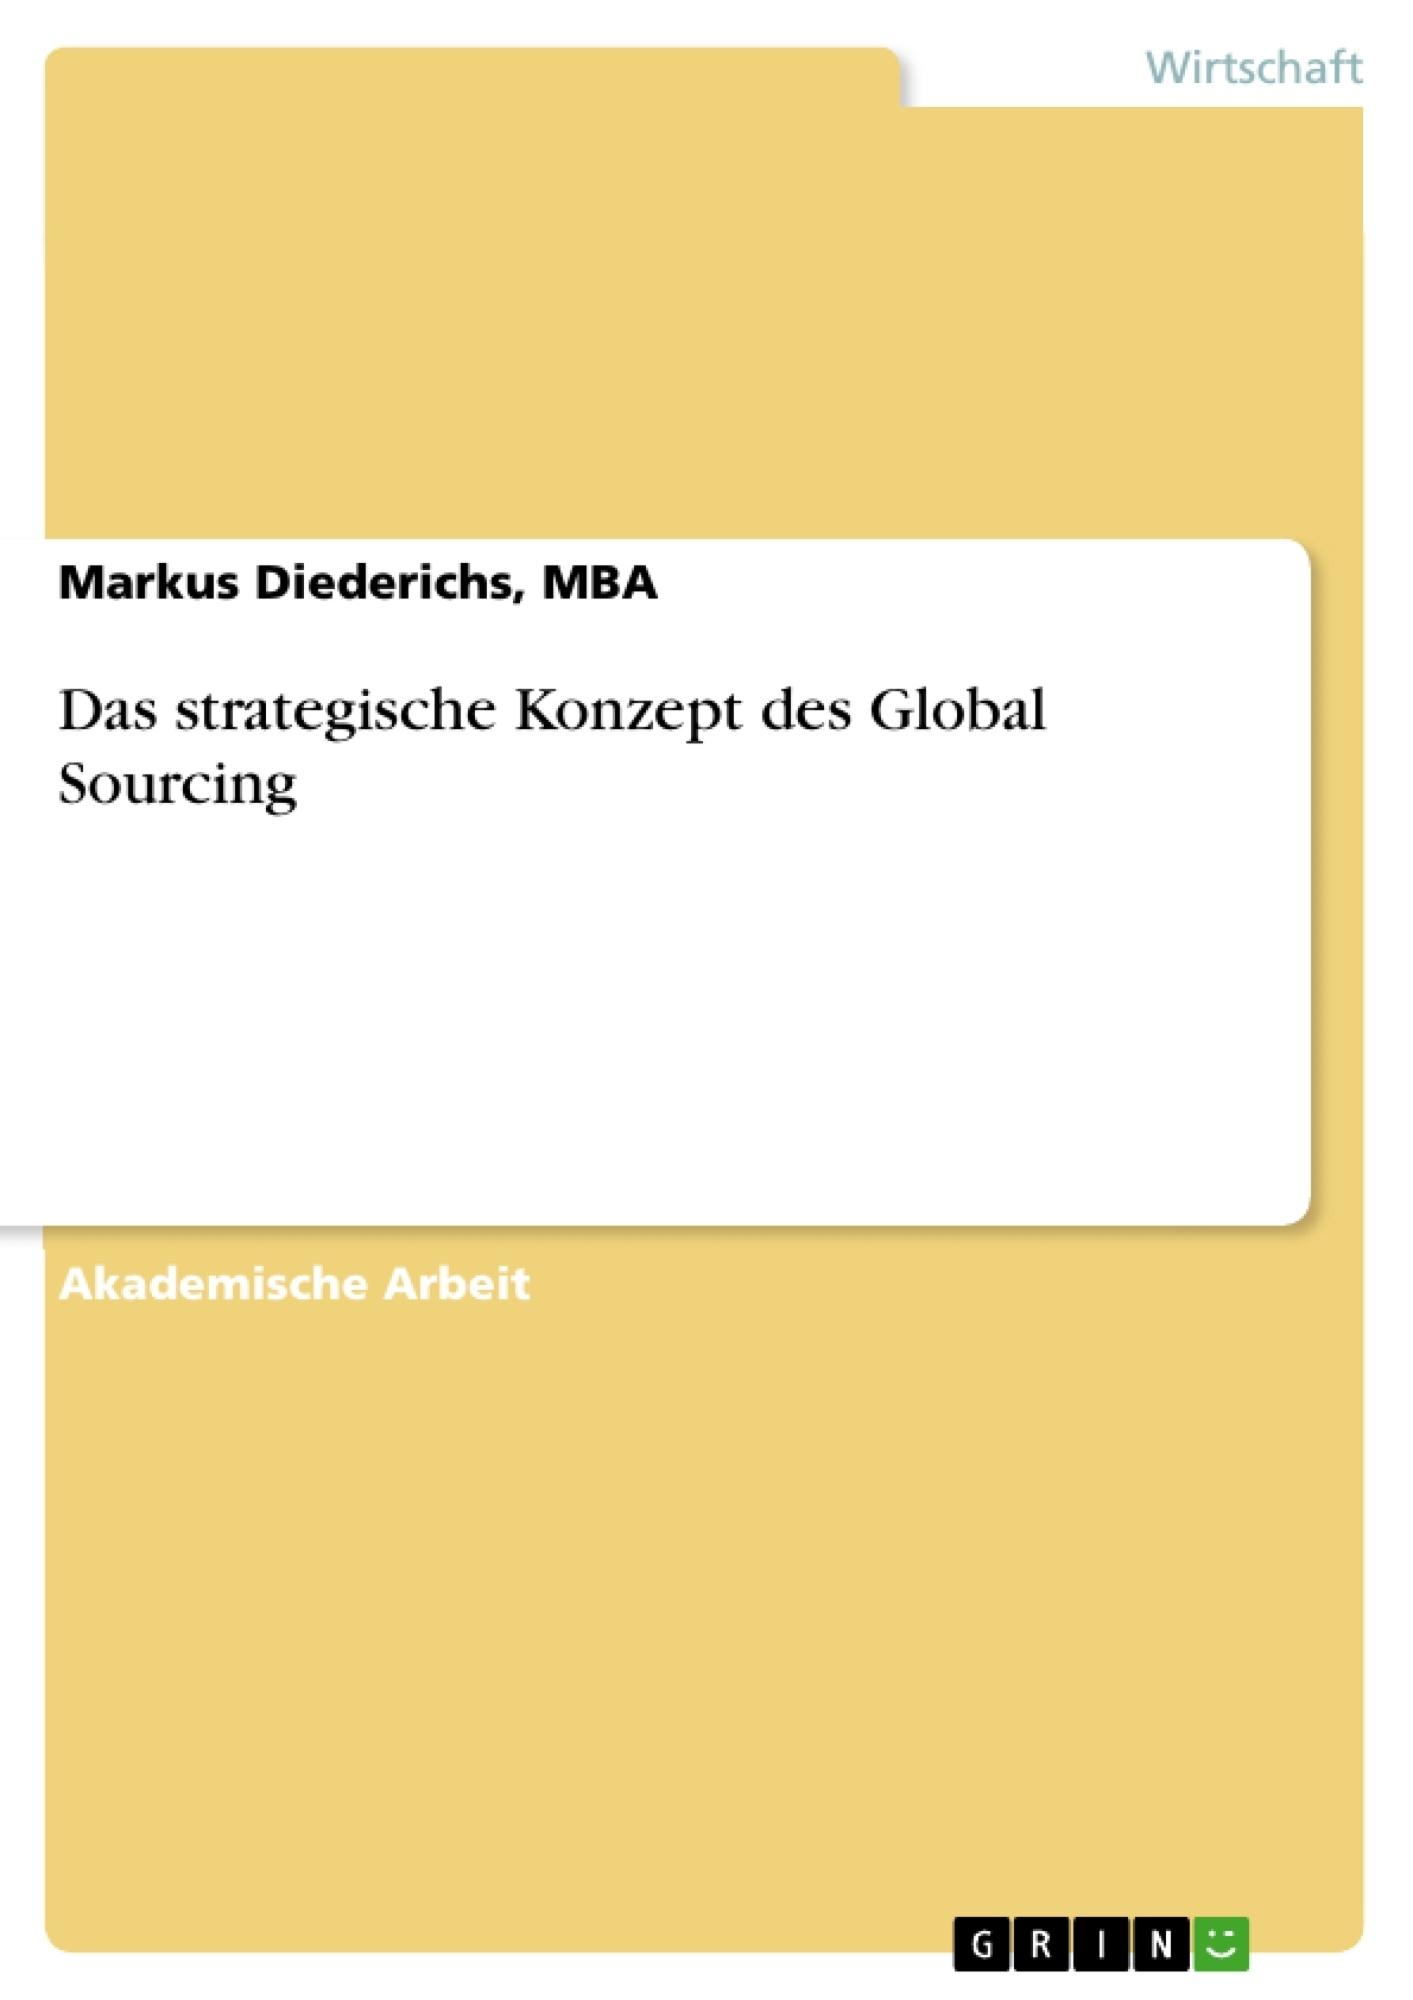 Titel: Das strategische Konzept des Global Sourcing